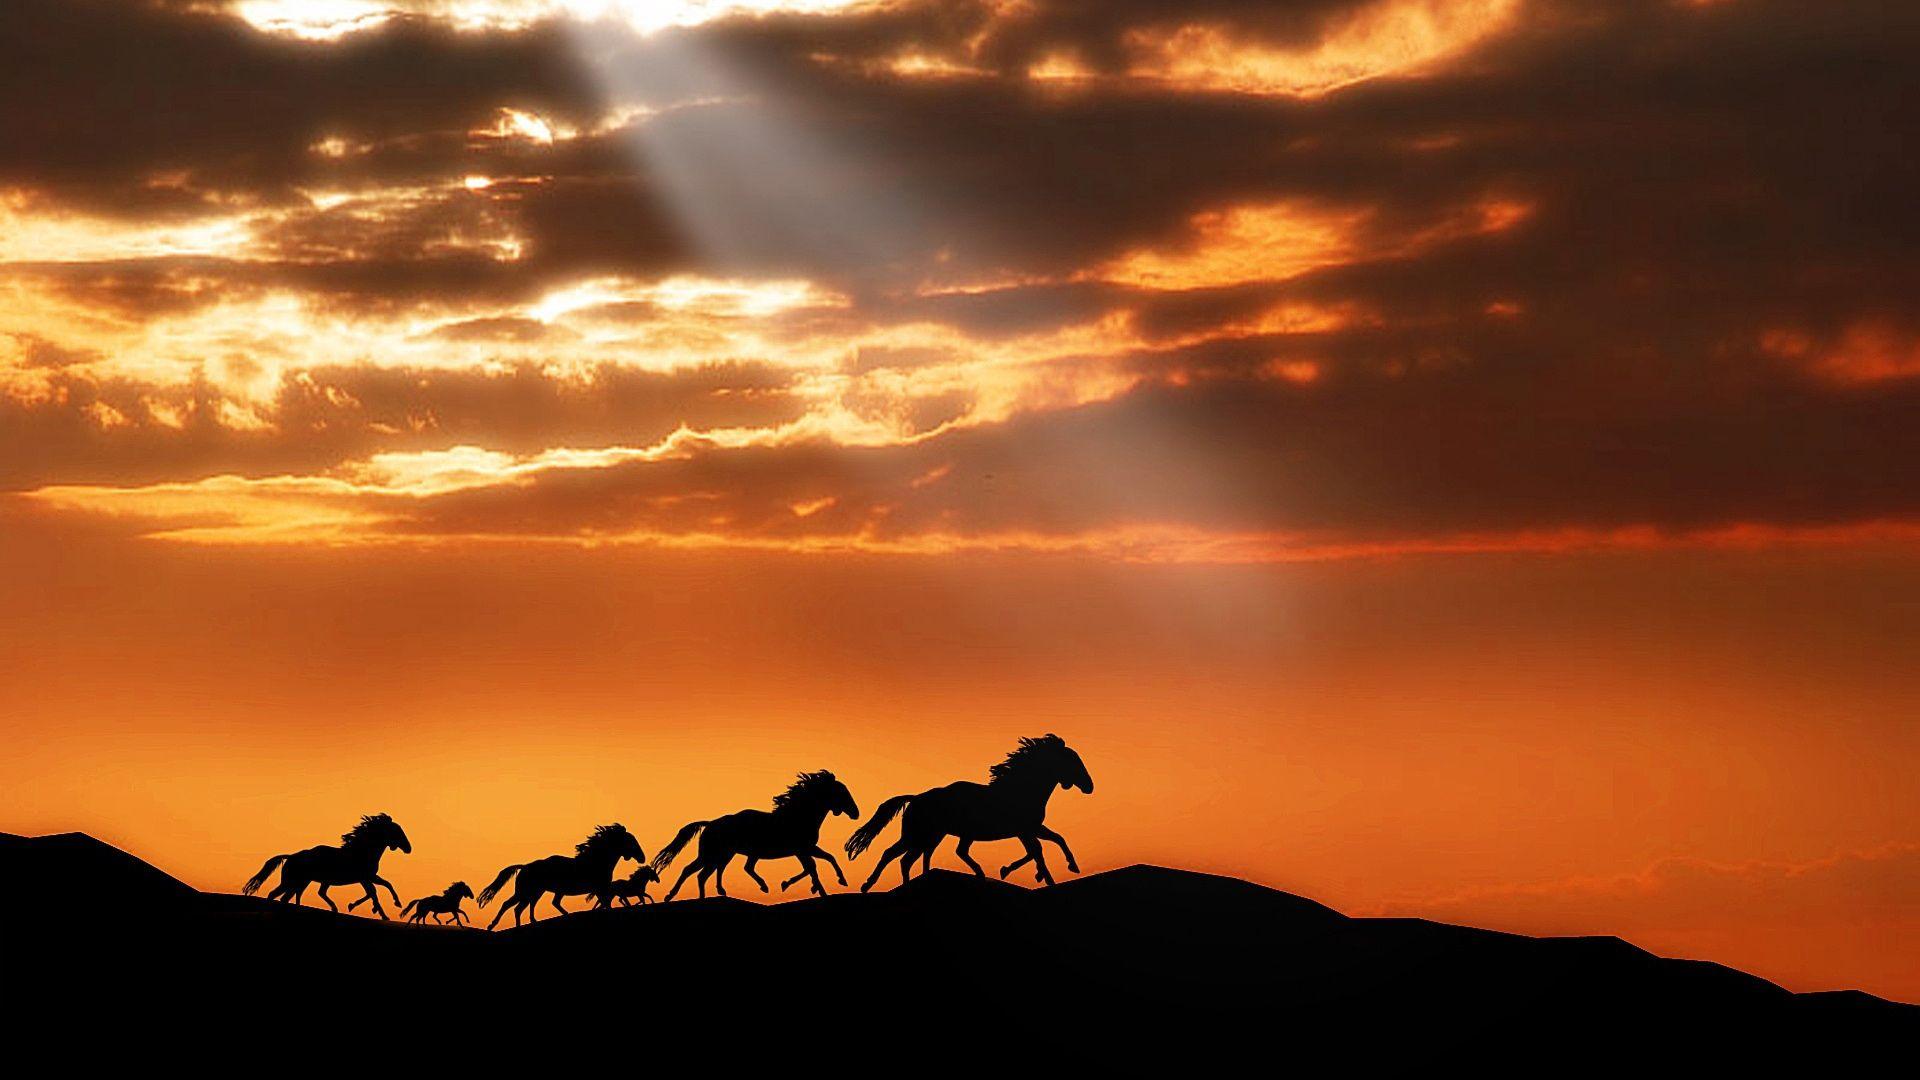 Cool Wallpaper Horse Samsung Galaxy - 991d89d6a8c23d4f5187713267beabbc  Snapshot_381134.jpg